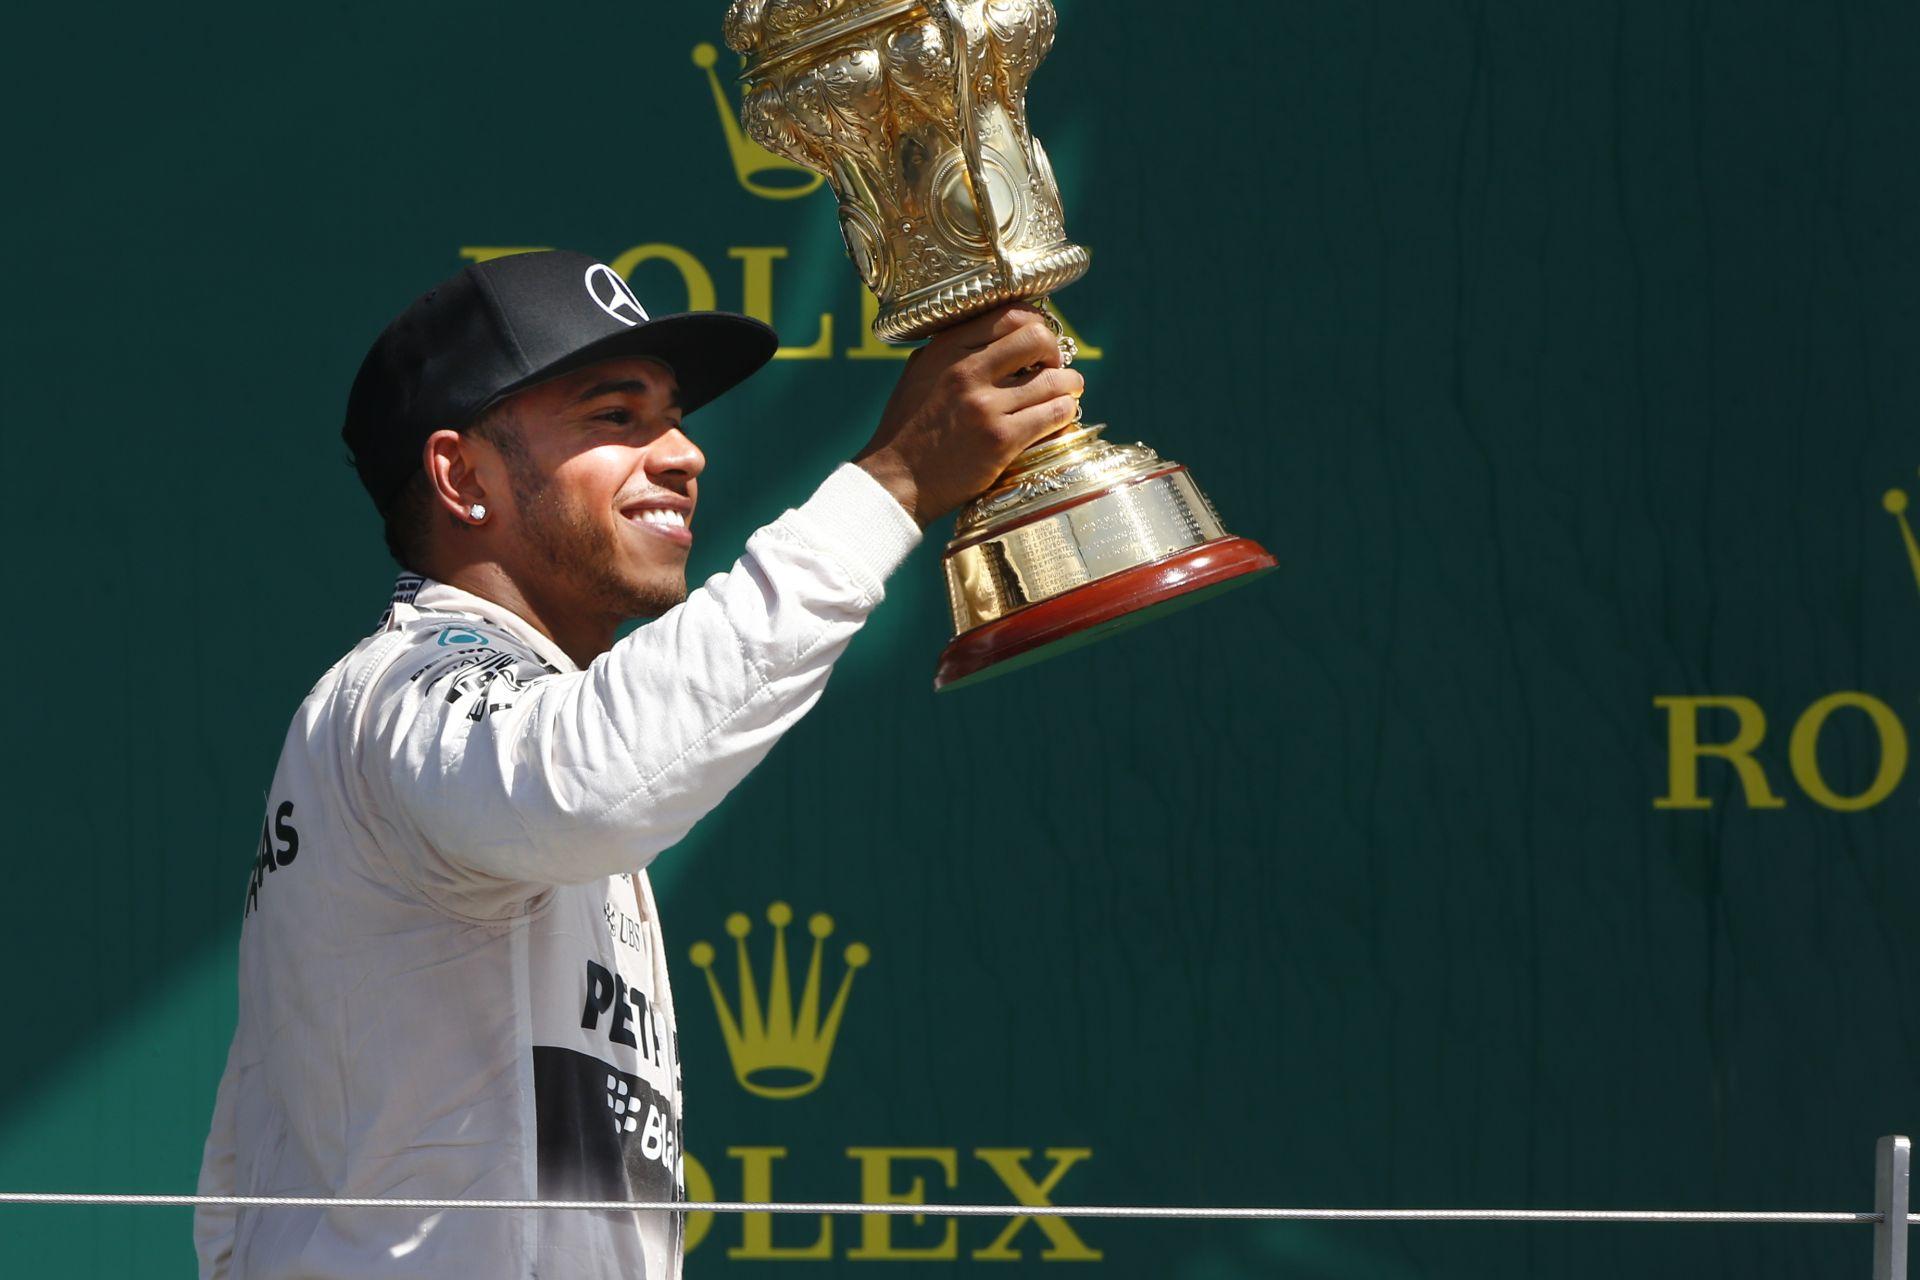 Hihetetlenül nagy embertömeg és Hamilton-győzelem Silverstone-ban: Képgaléria